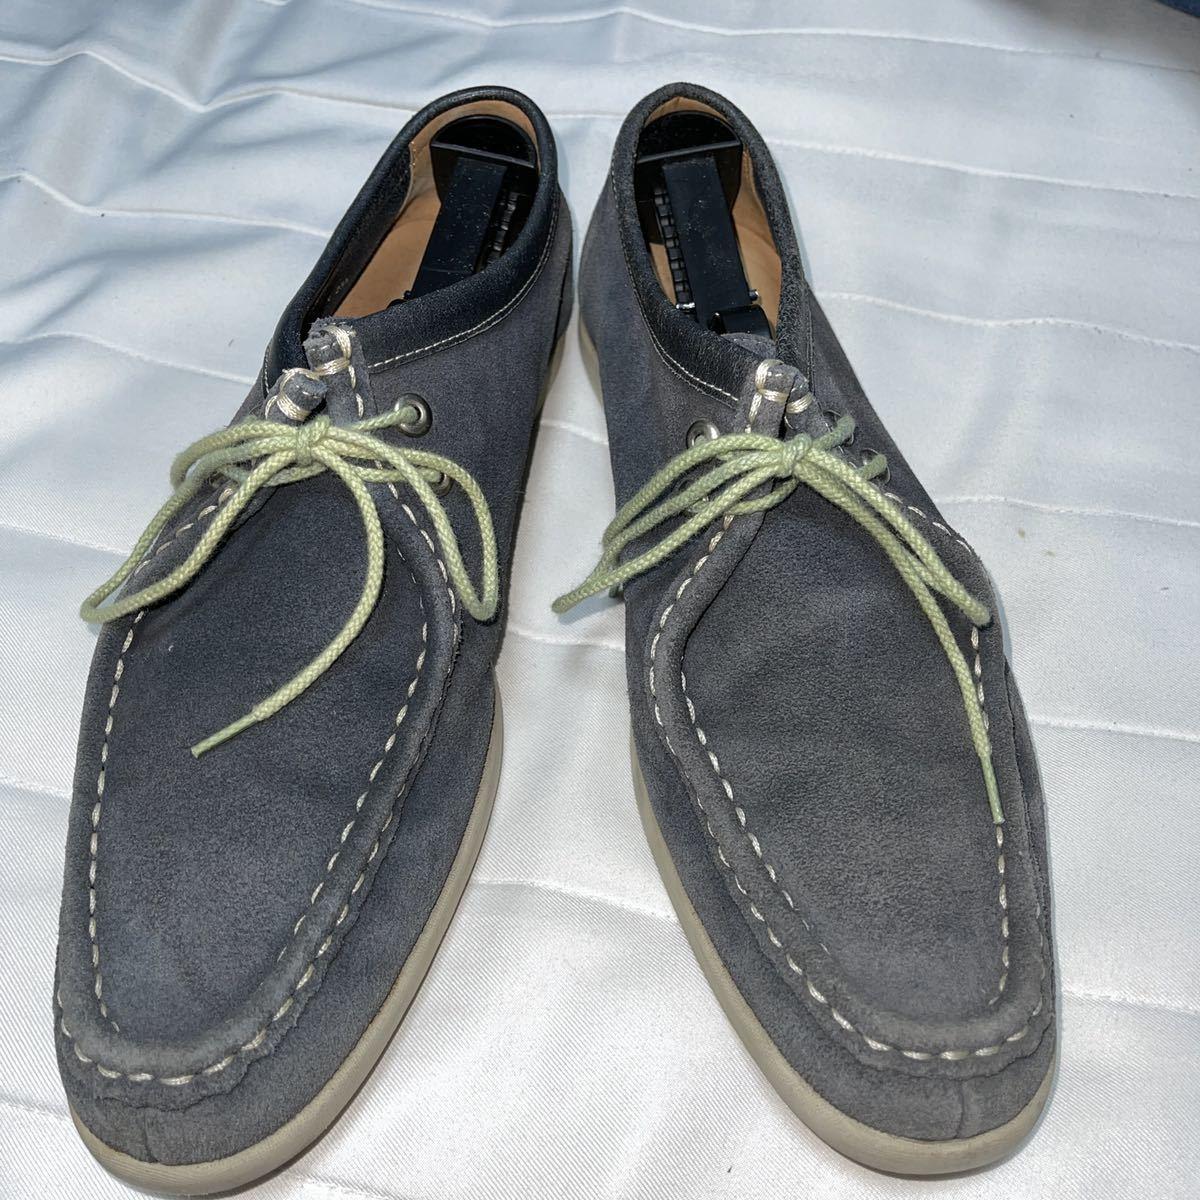 【即決/送料無料】REGAL リーガル 25.5cm デッキシューズ スエード 革靴 青 ブルー_画像8